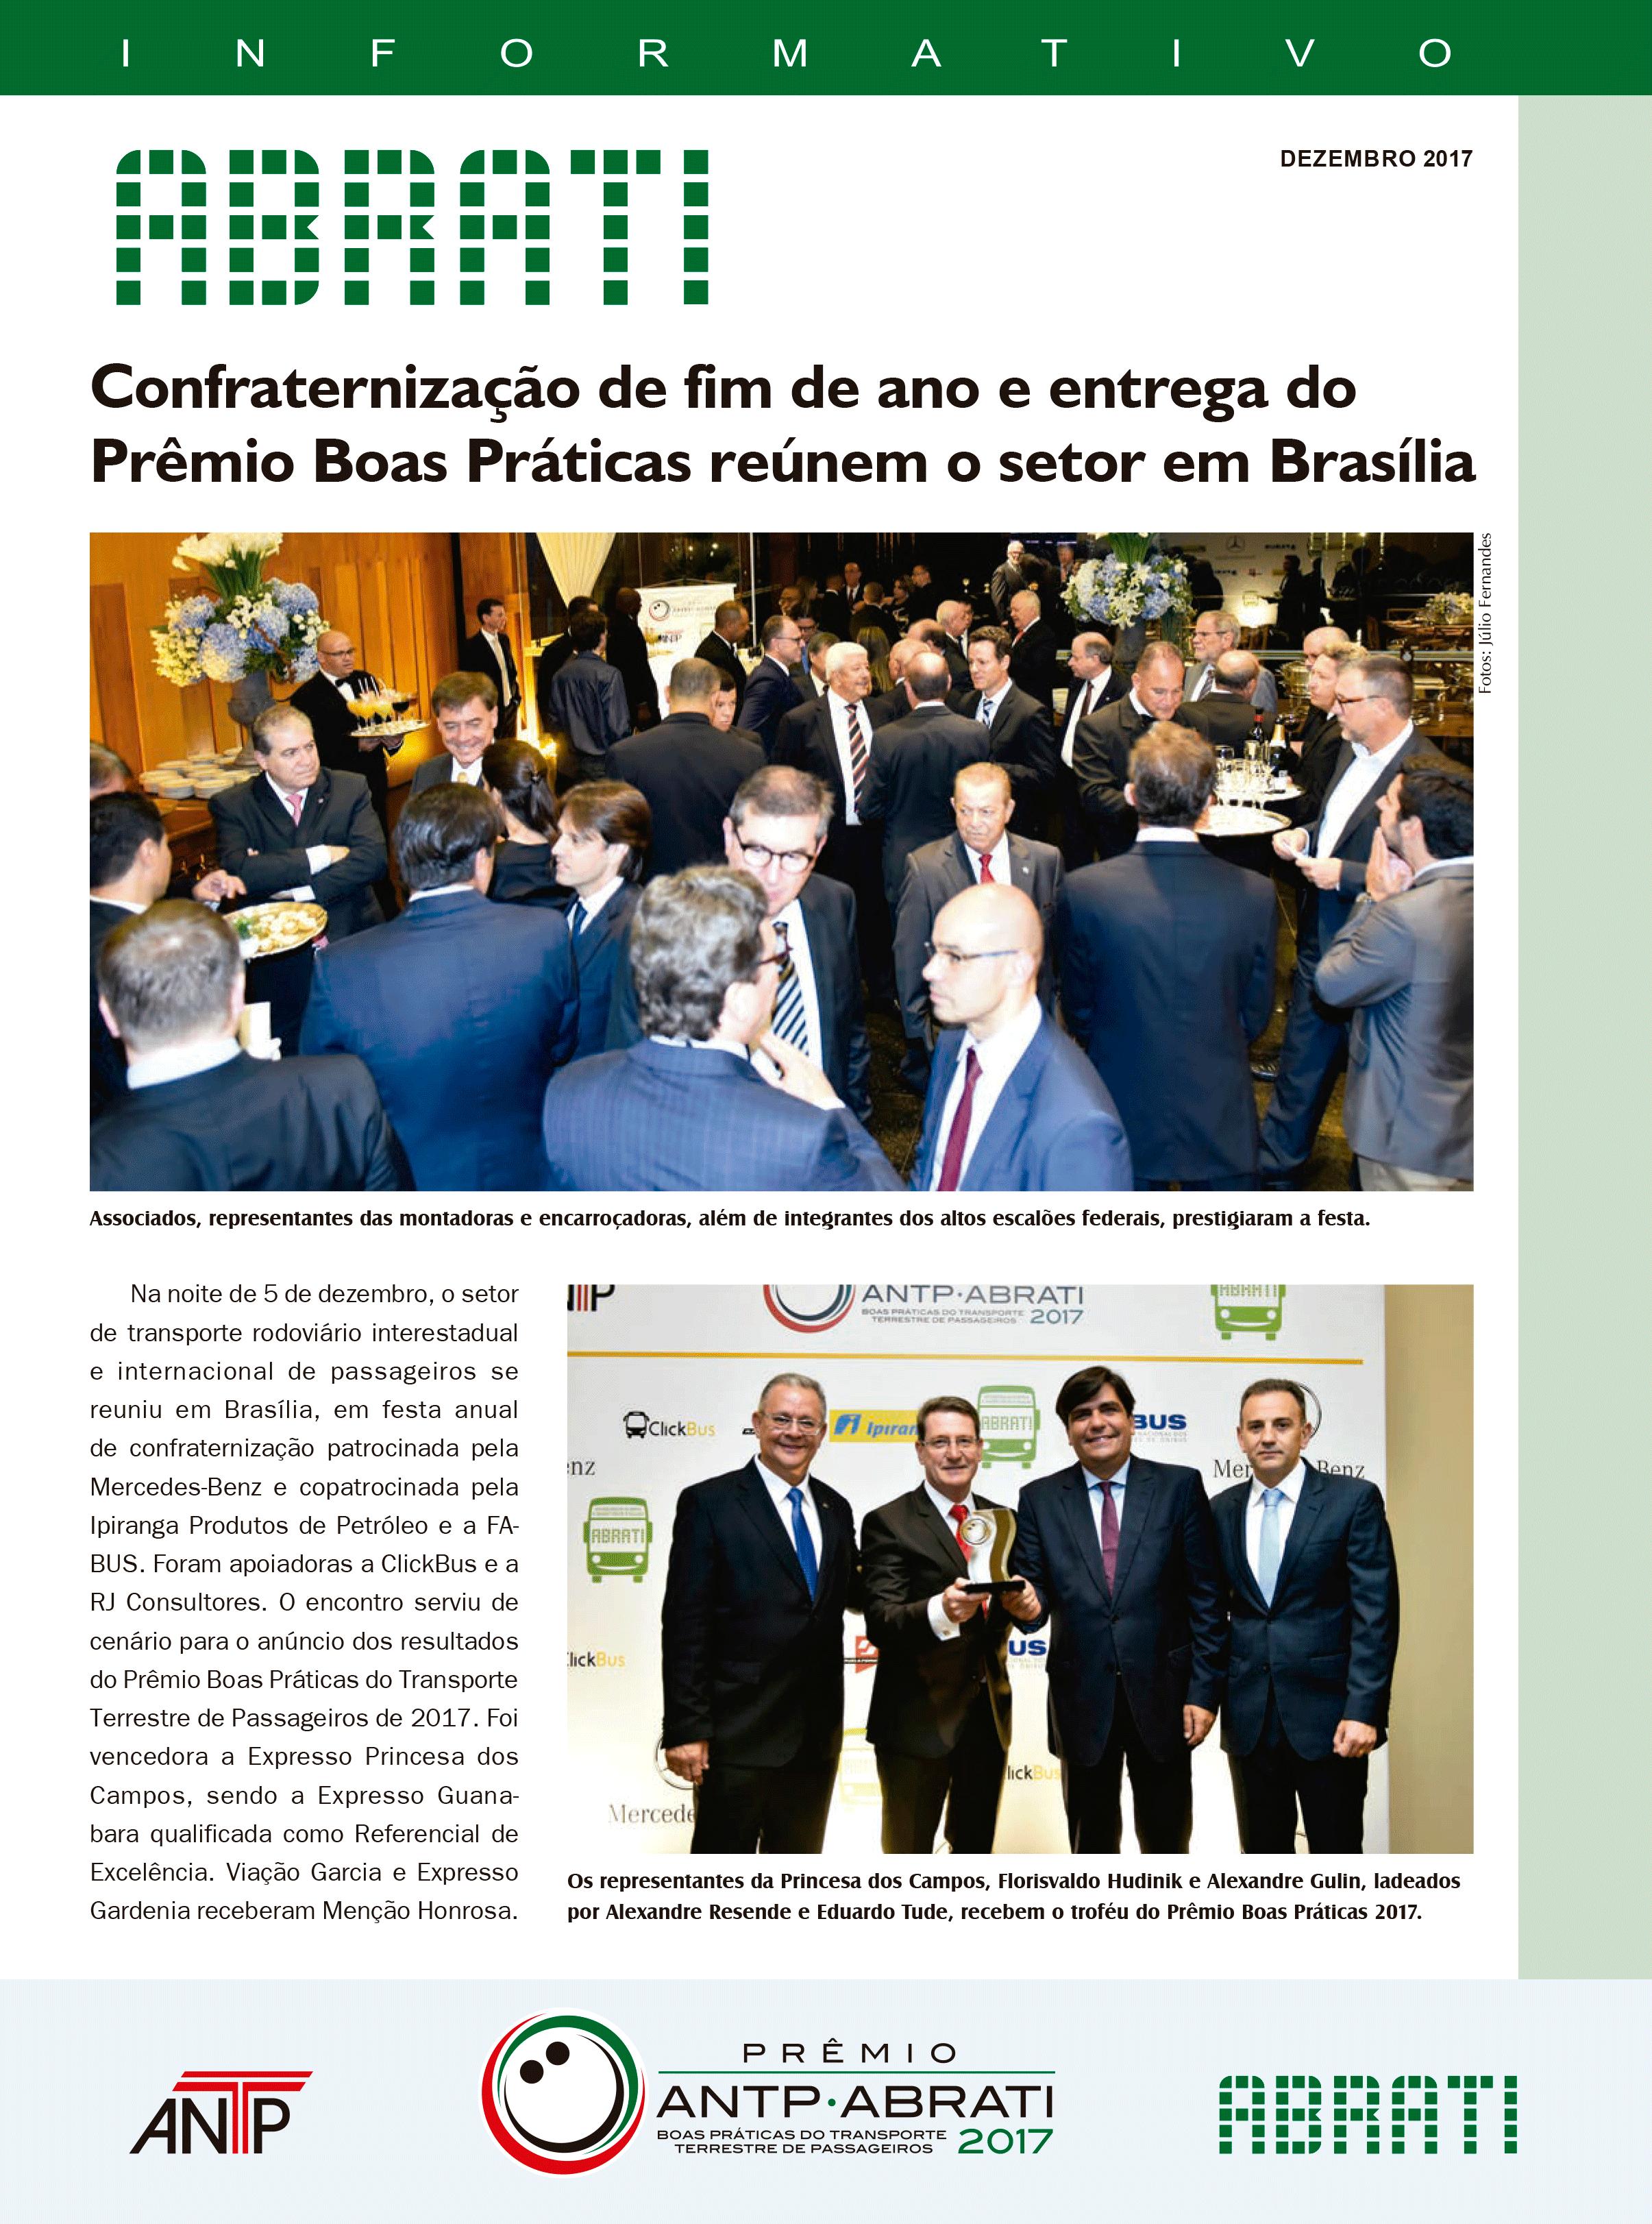 Informativo Dezembro 2017